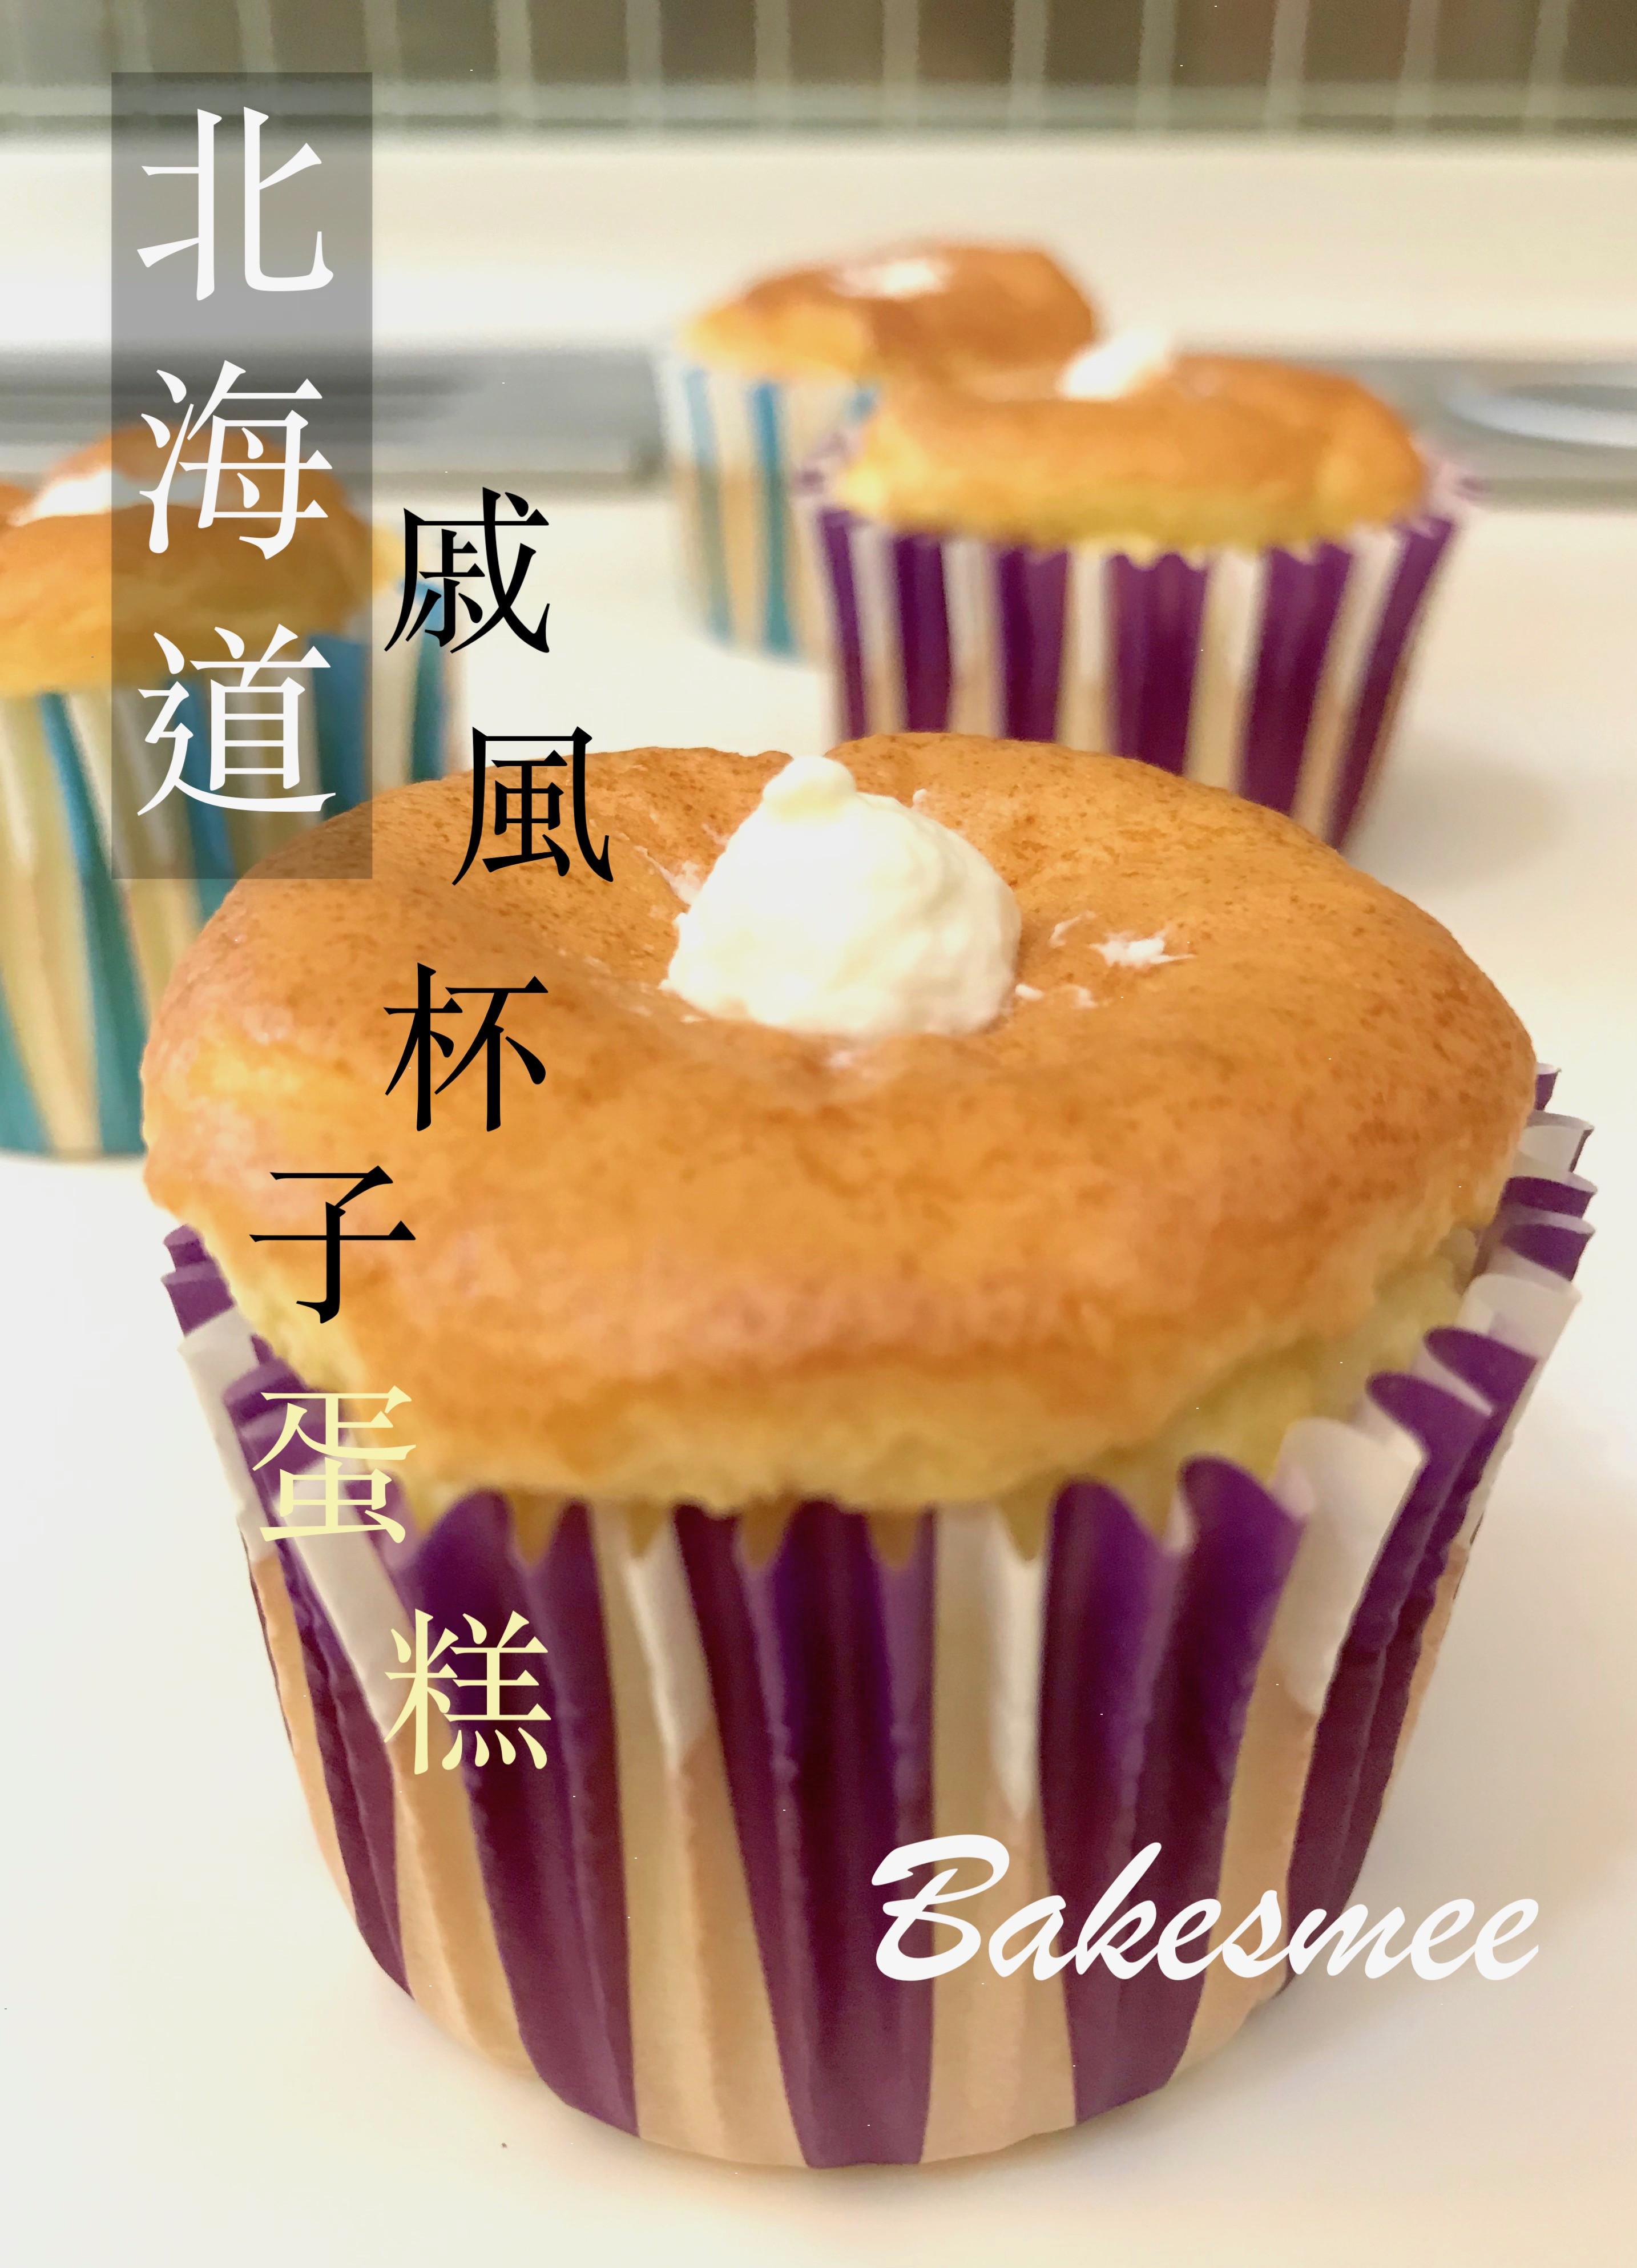 爆漿【北海道戚風杯子蛋糕】